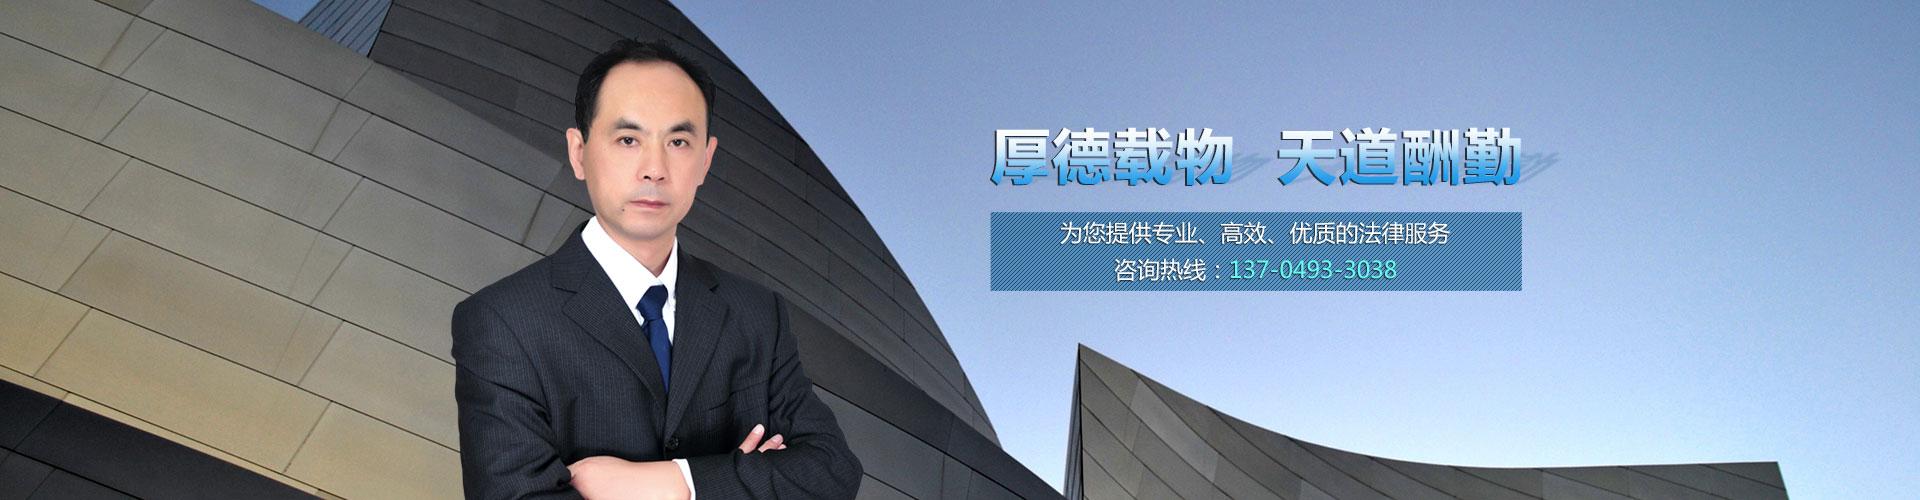 辽宁杨光律师